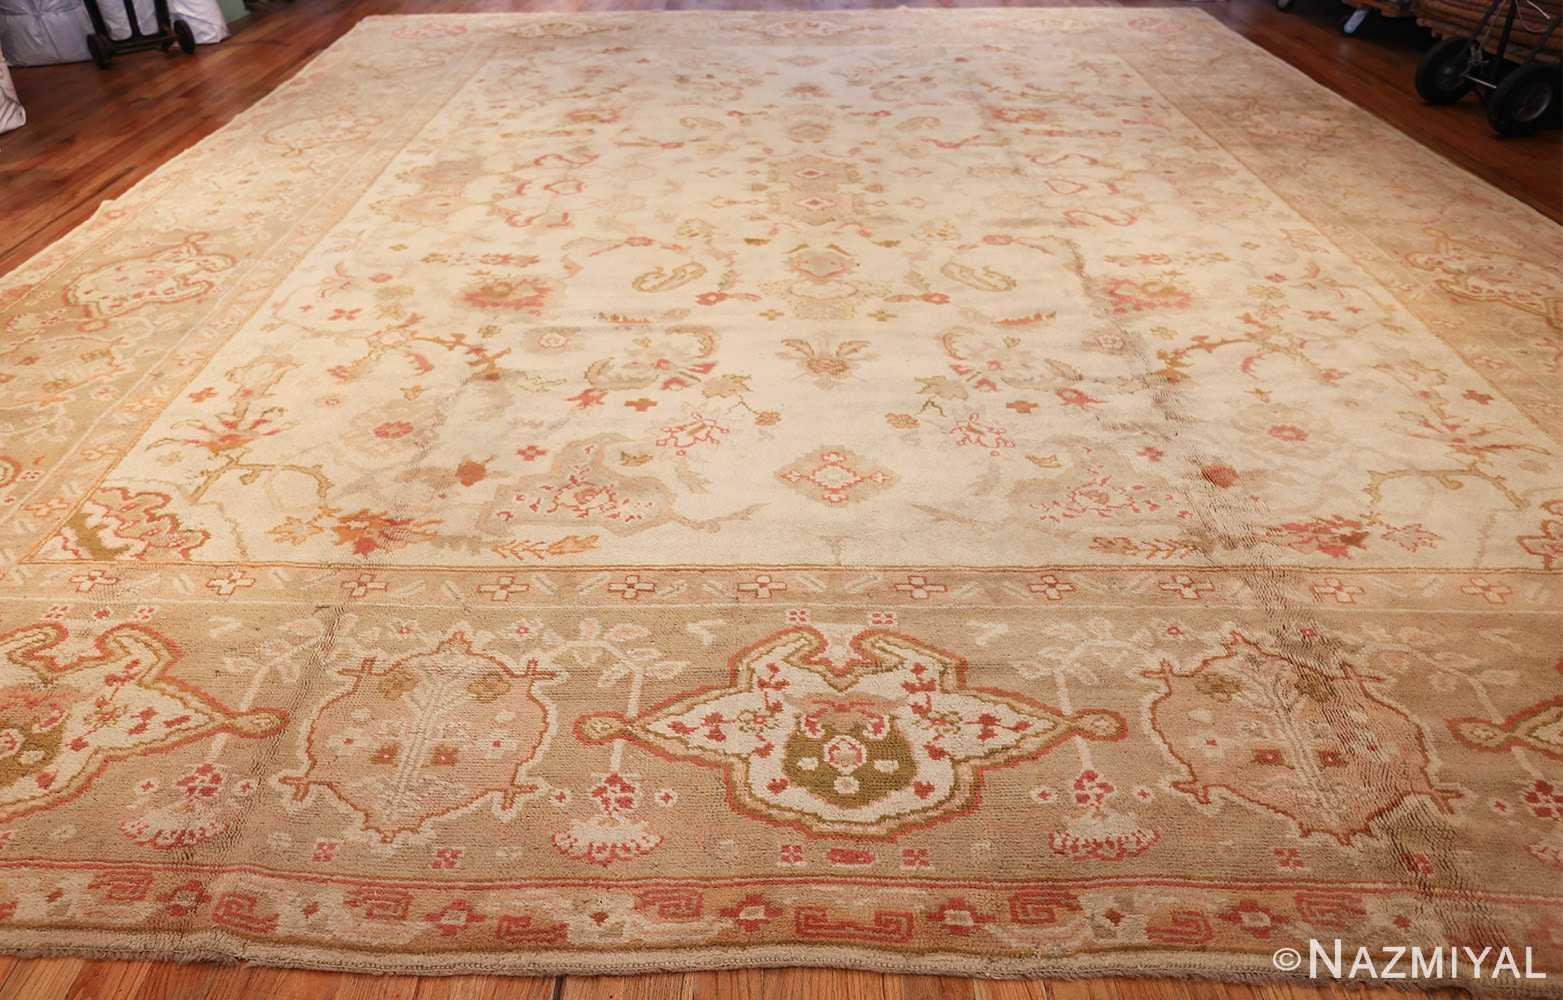 large decorative antique turkish oushak rug 48473 whole Nazmiyal